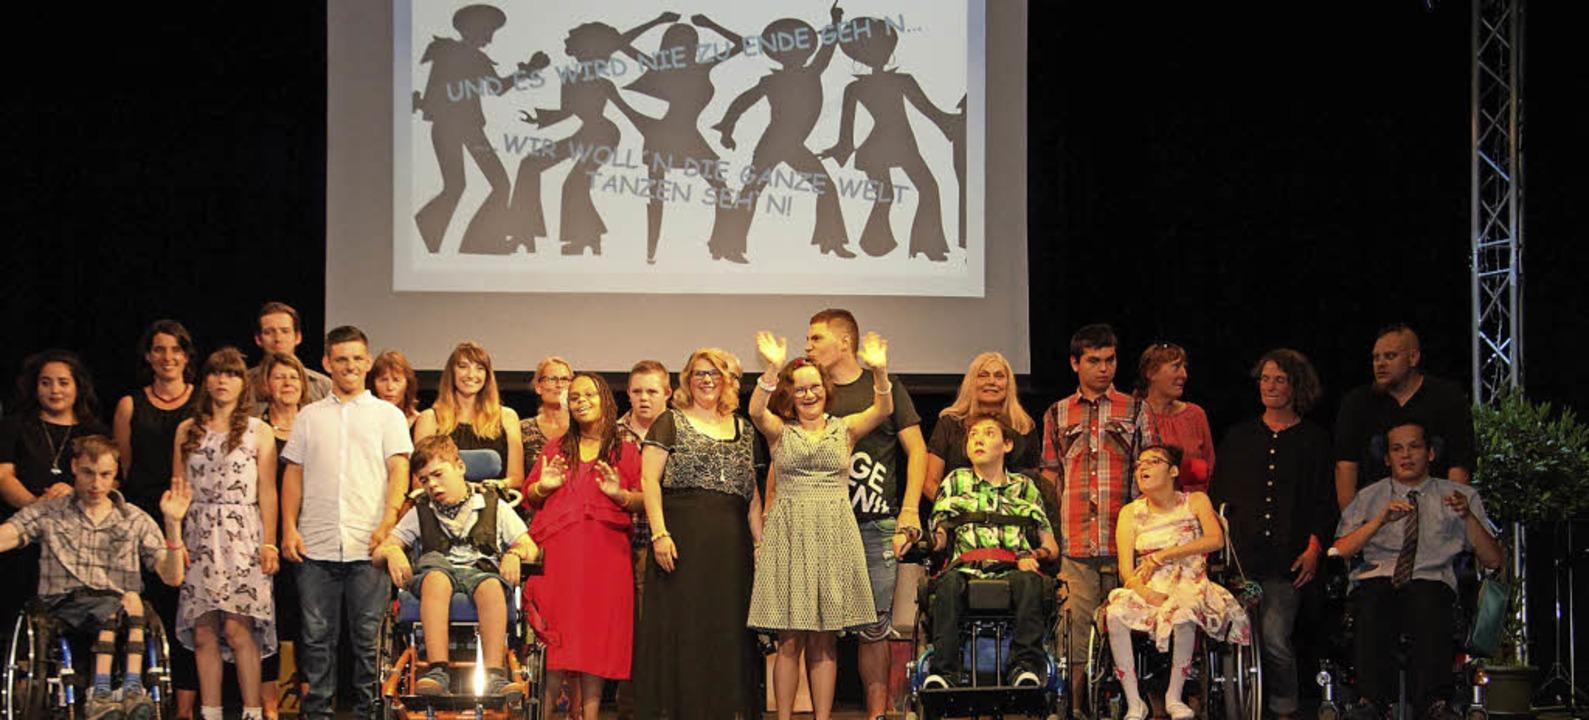 Die Entlassschüler der Karl-Rolfus-Schule mit ihren Klassenlehrern     Foto: Pressefoto: St. Josefshaus